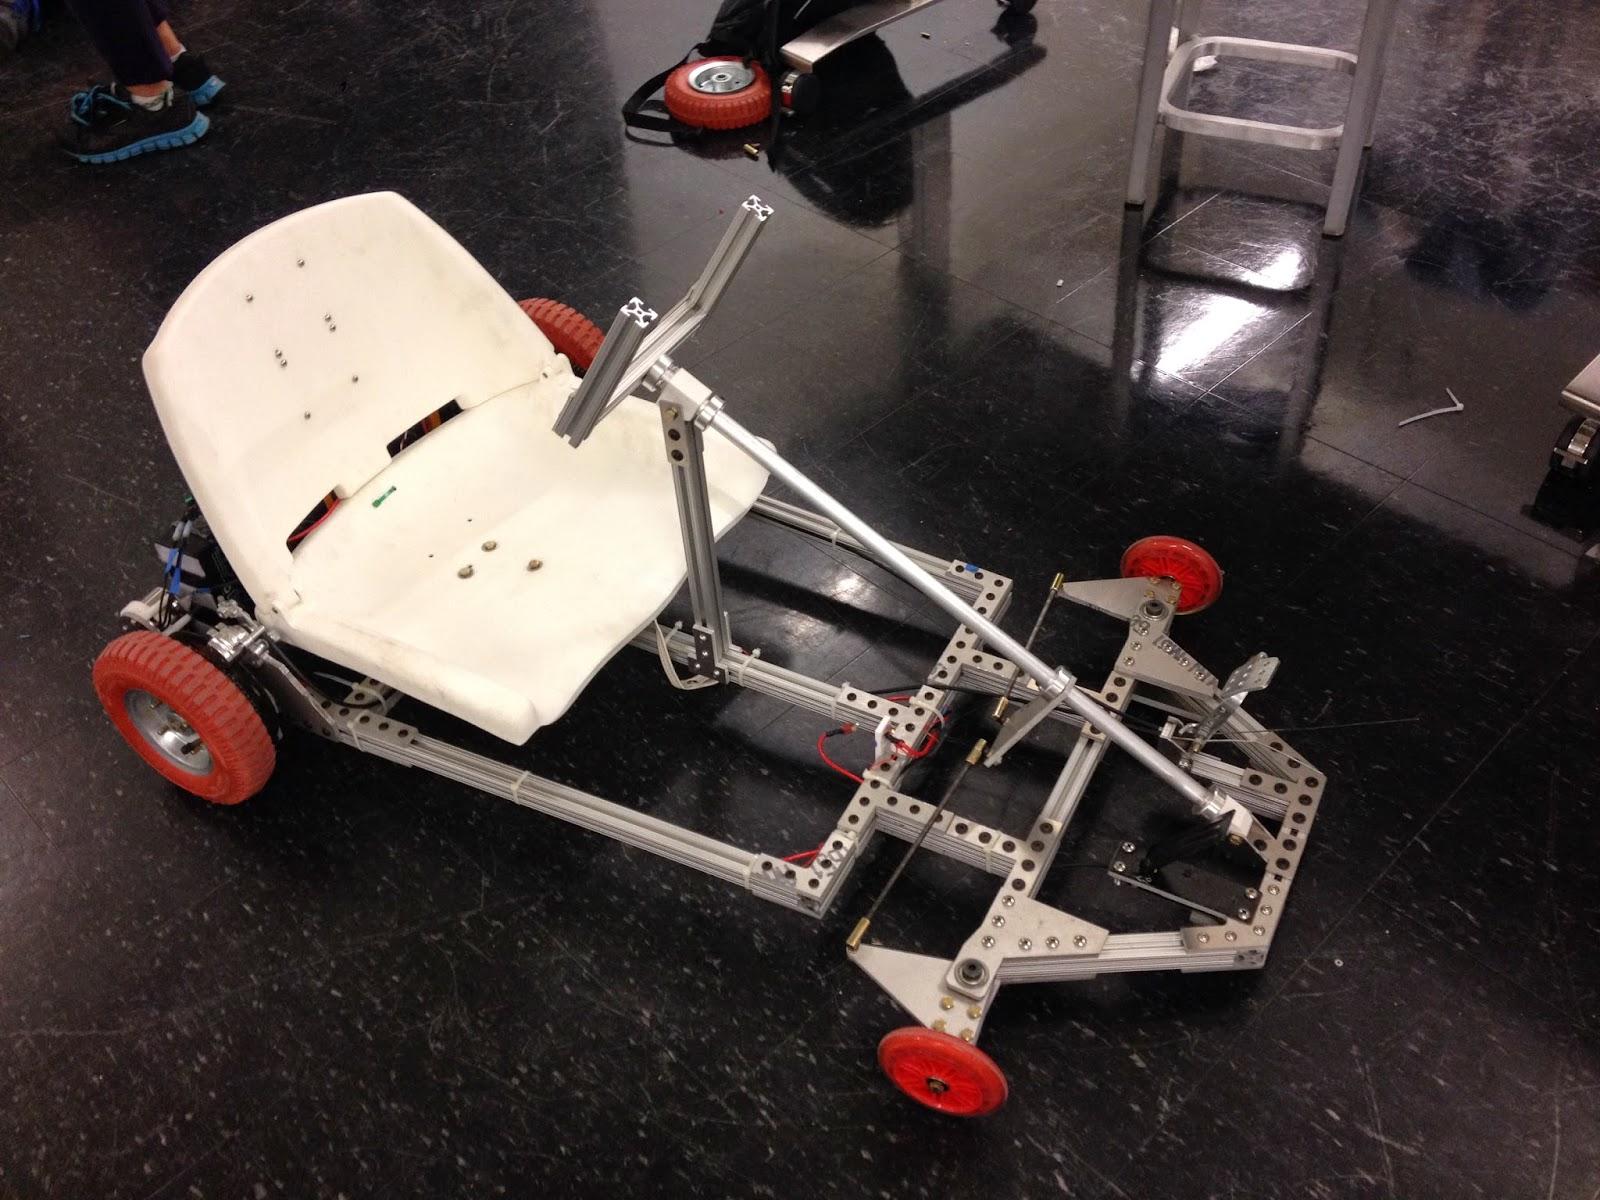 Building An Electric Go-Kart: Finished Go-Kart